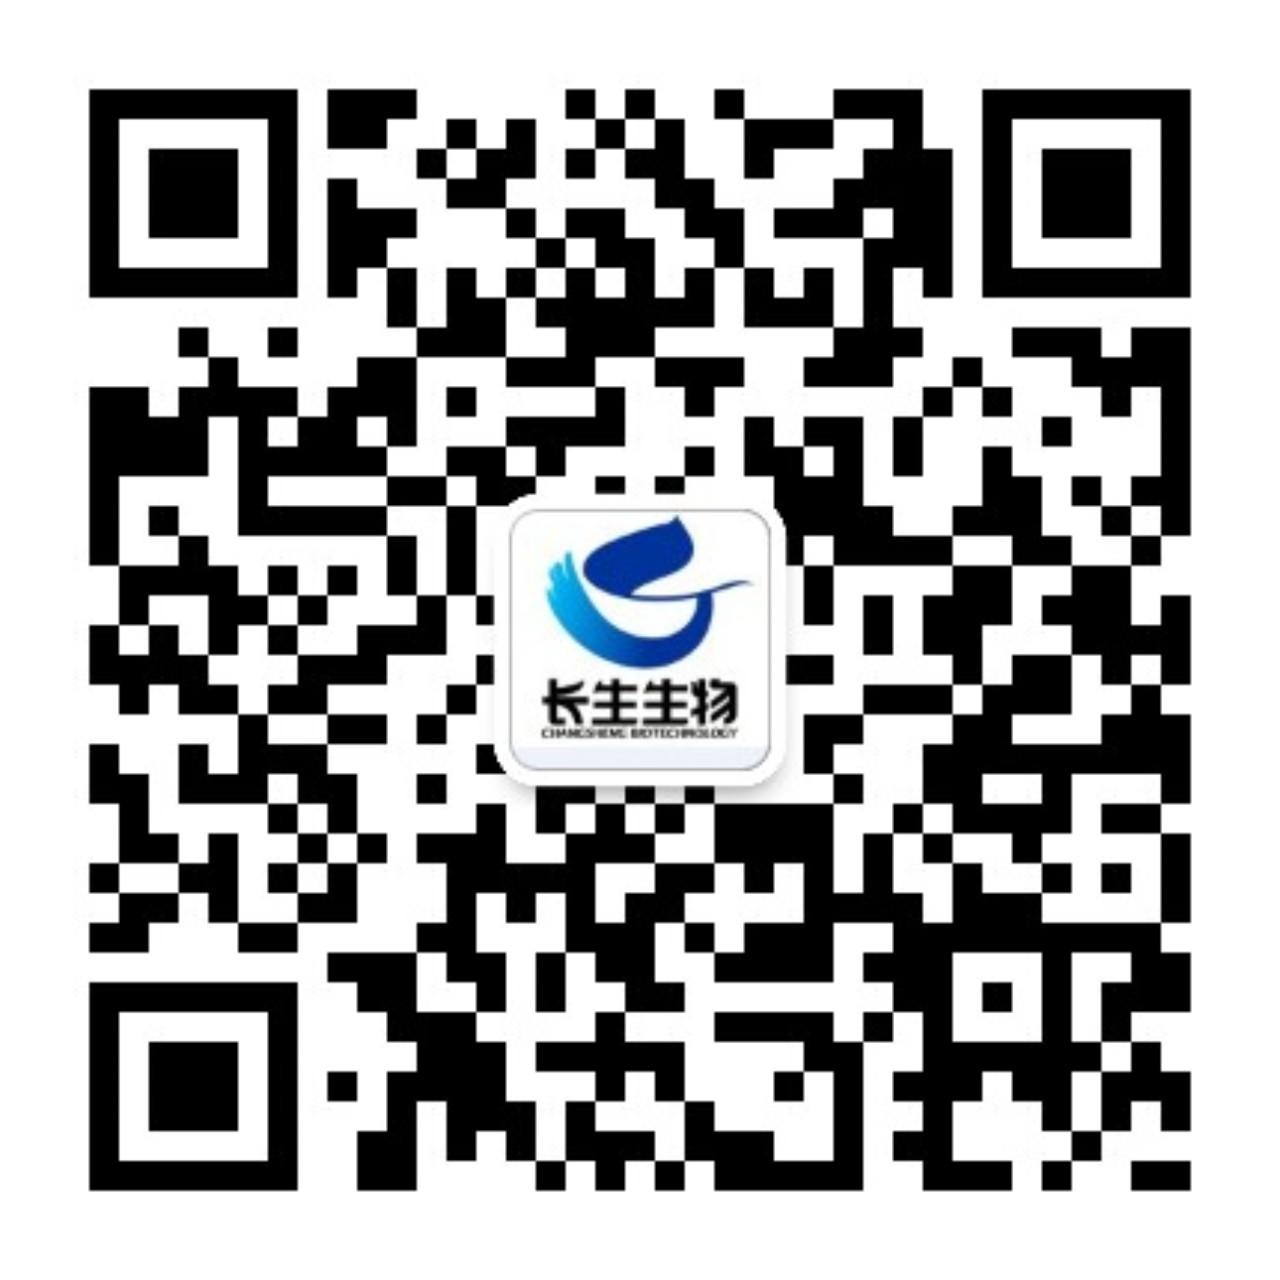 遼寧長生生物技術股份有限公司